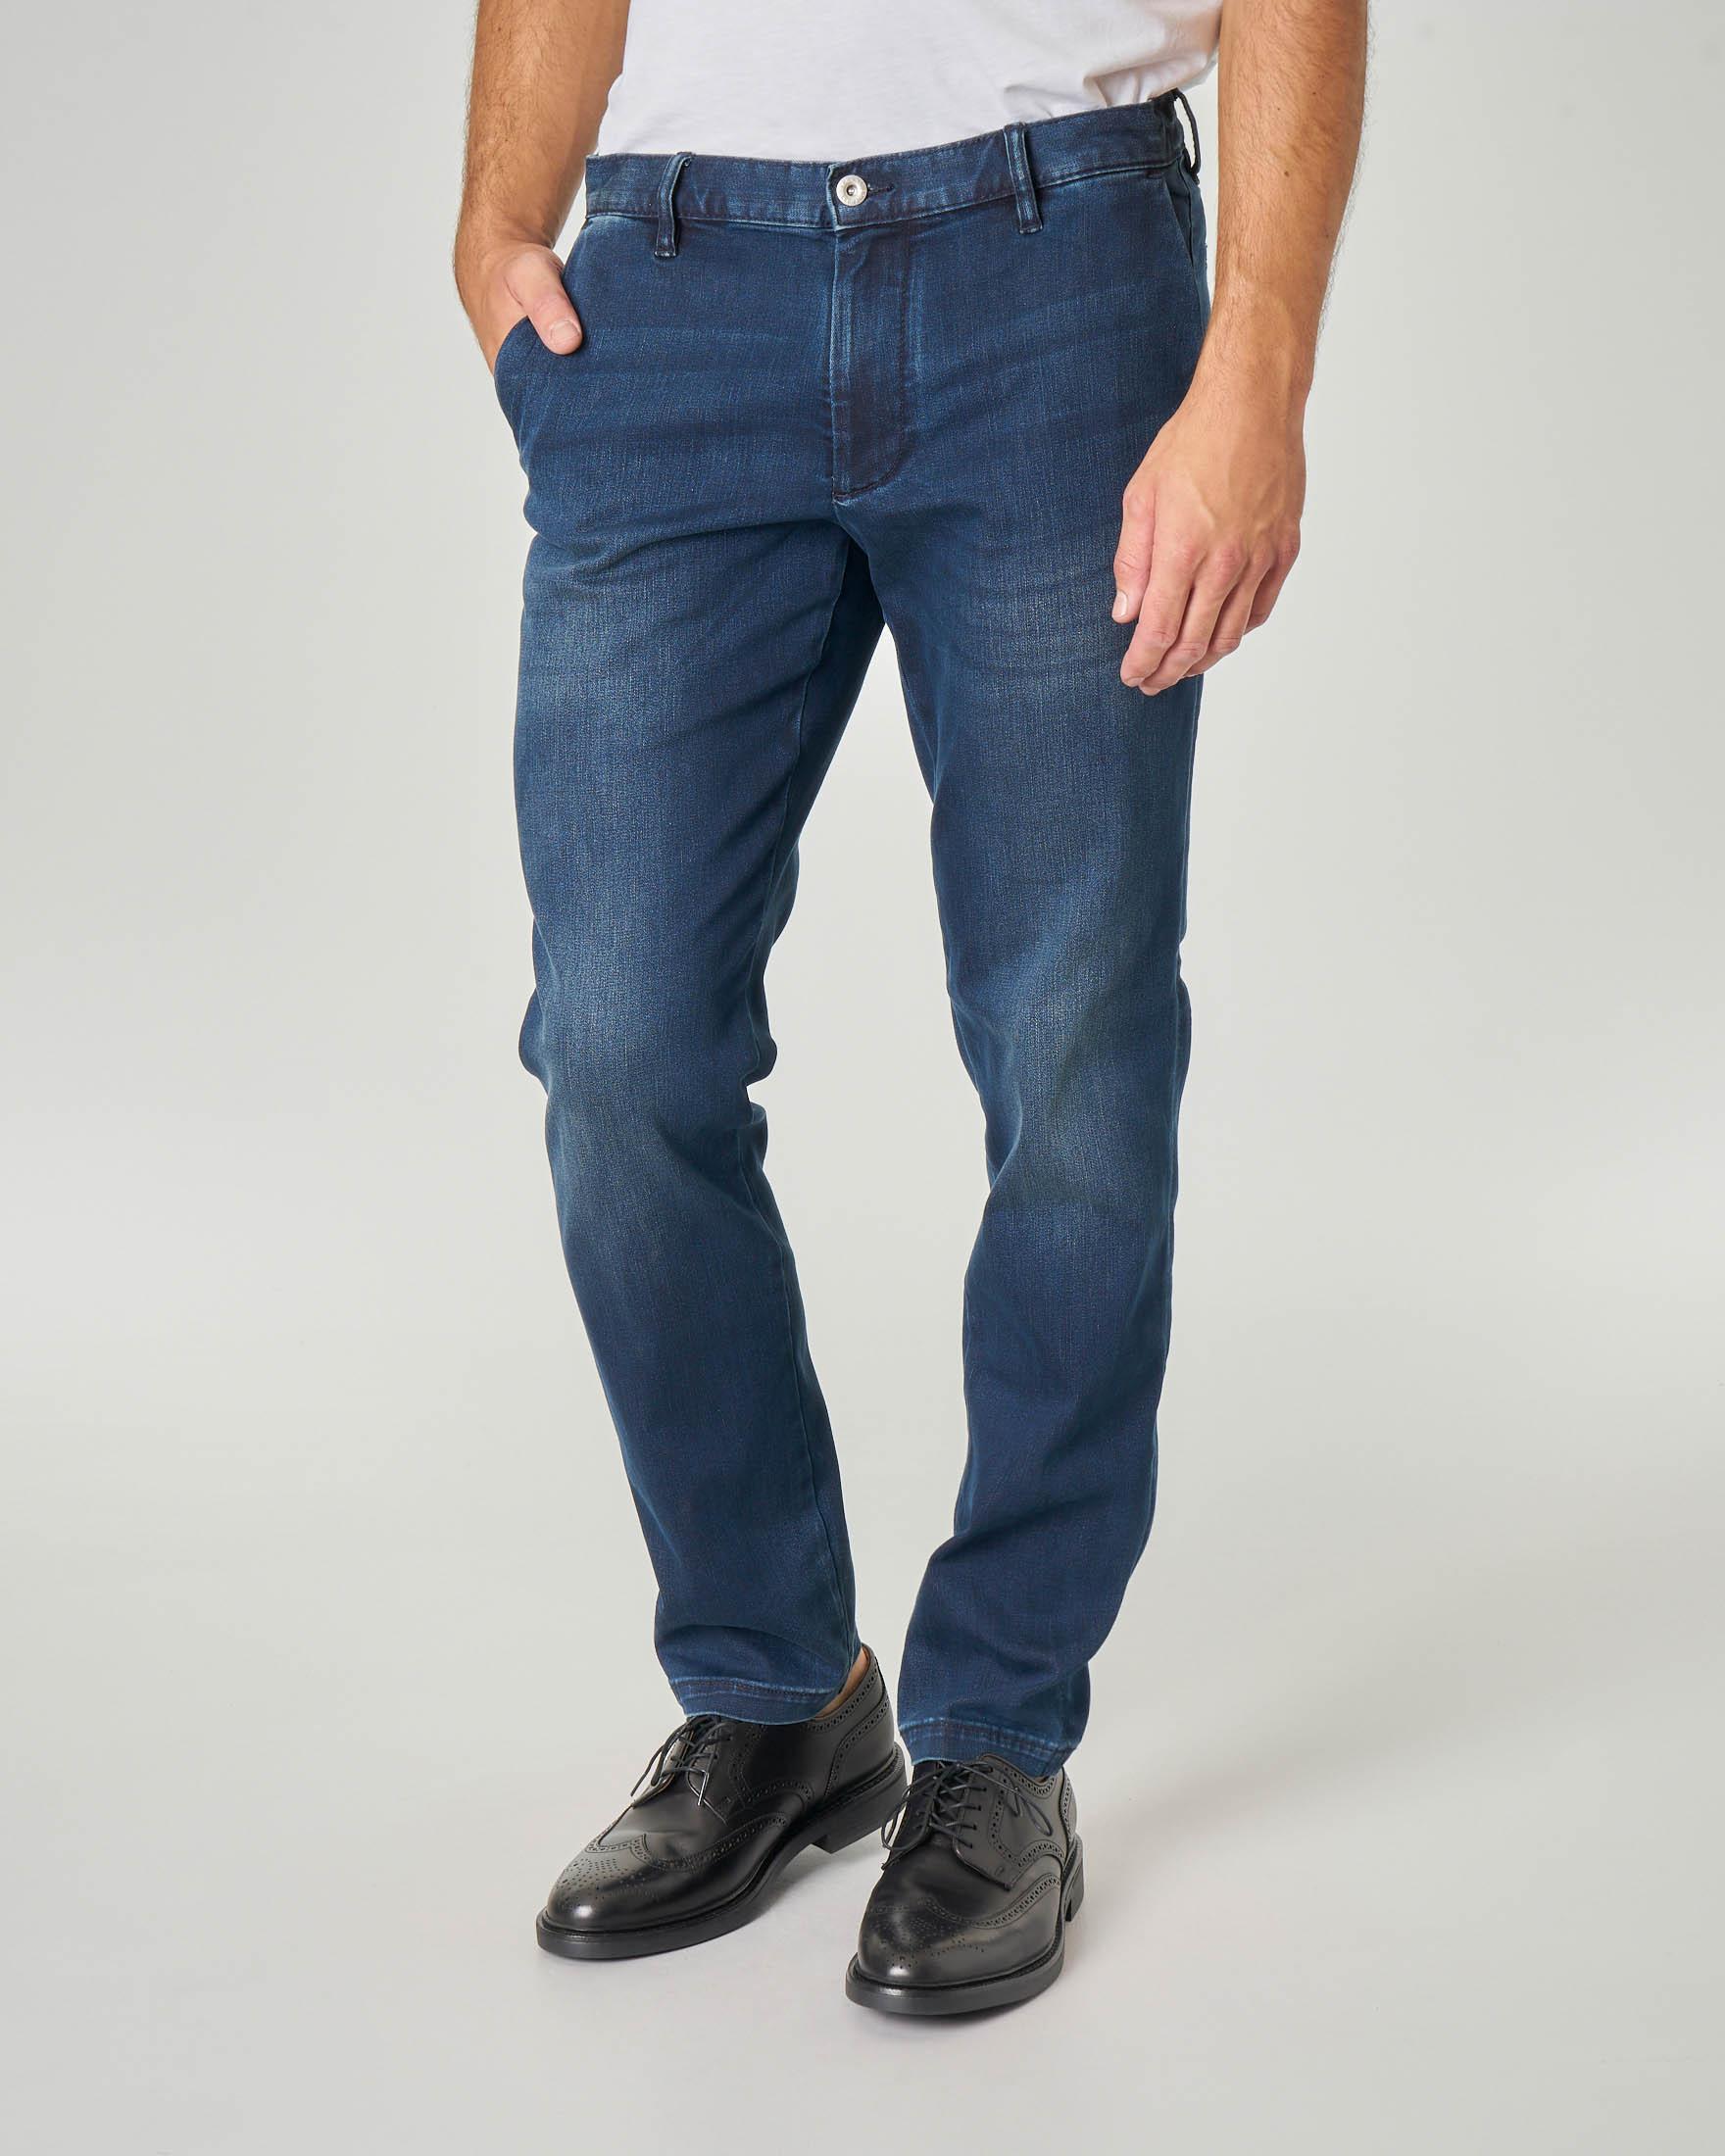 Jeans P10 tasca america lavaggio stone wash